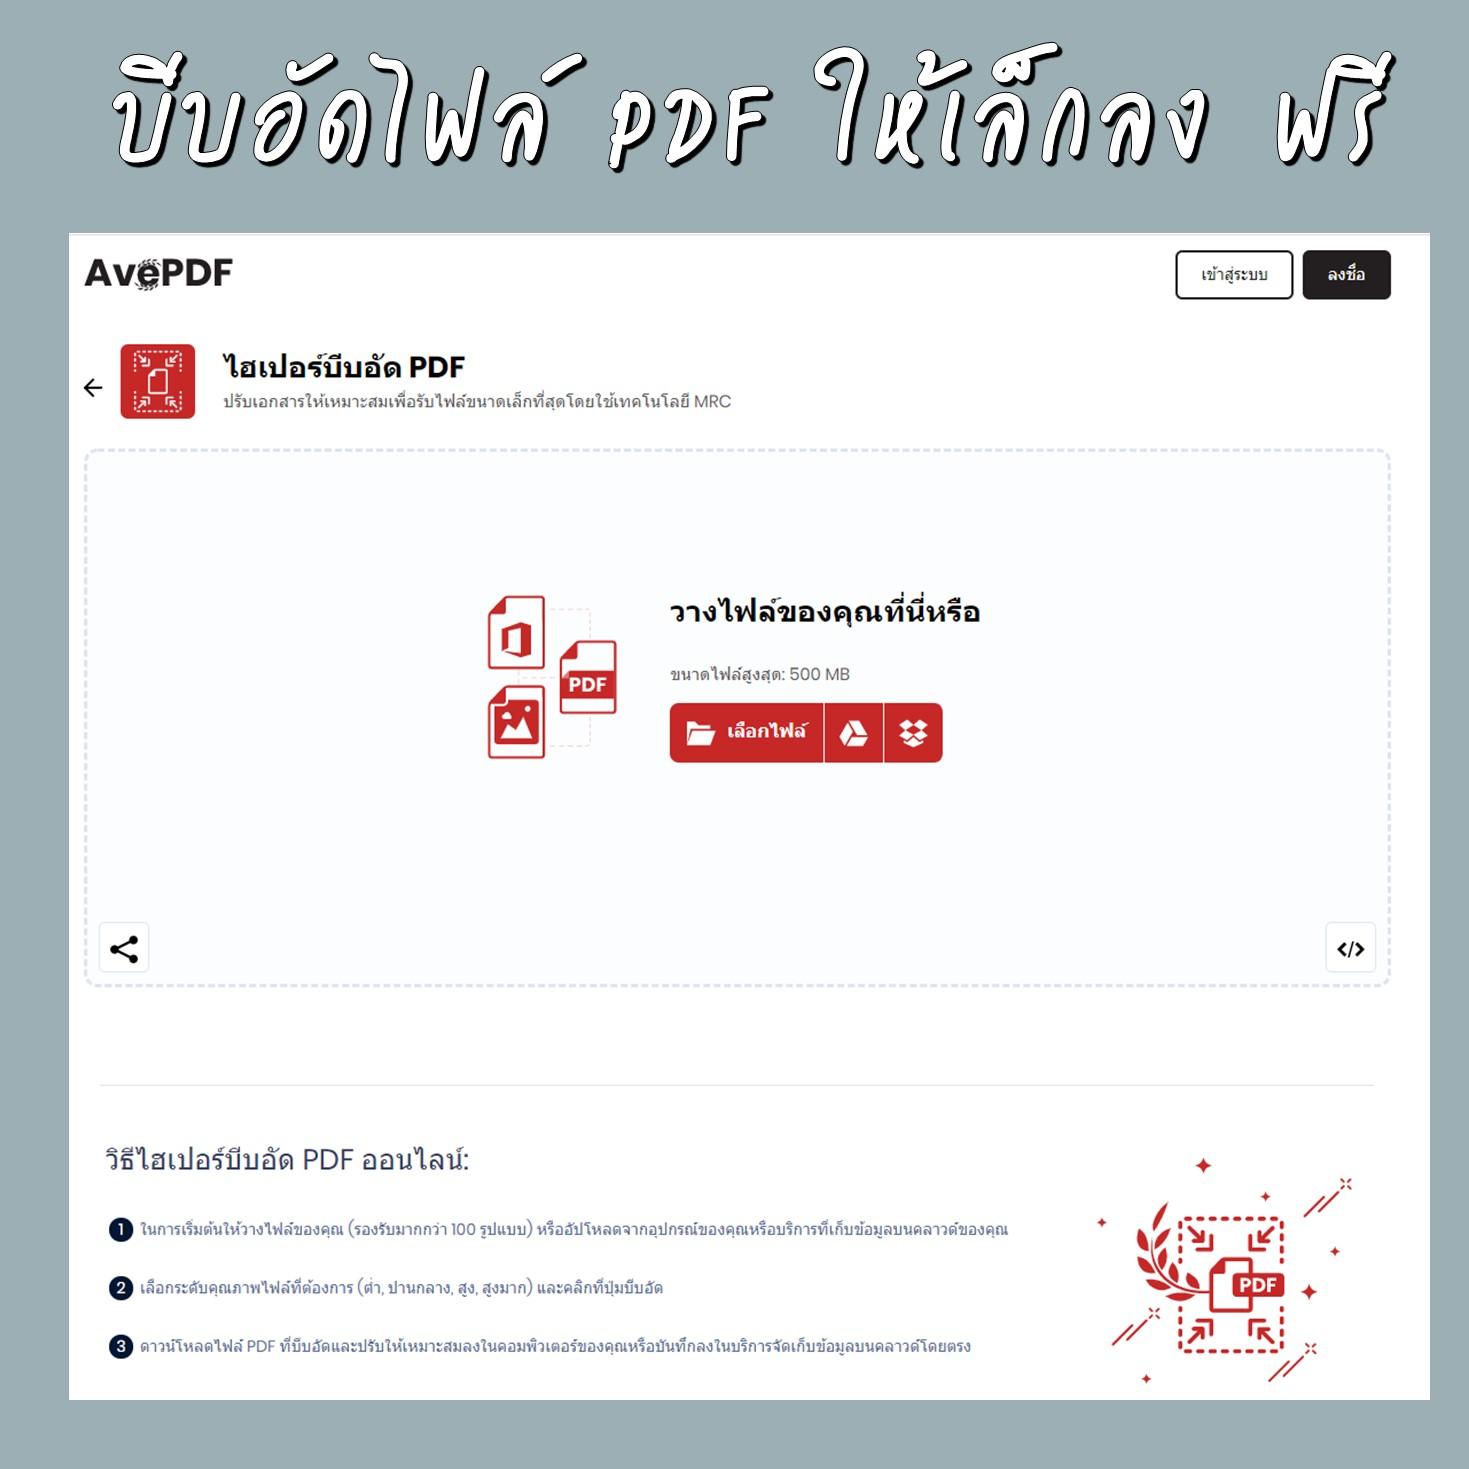 บีบอัดไฟล์ PDF ให้เล็กลง ฟรี